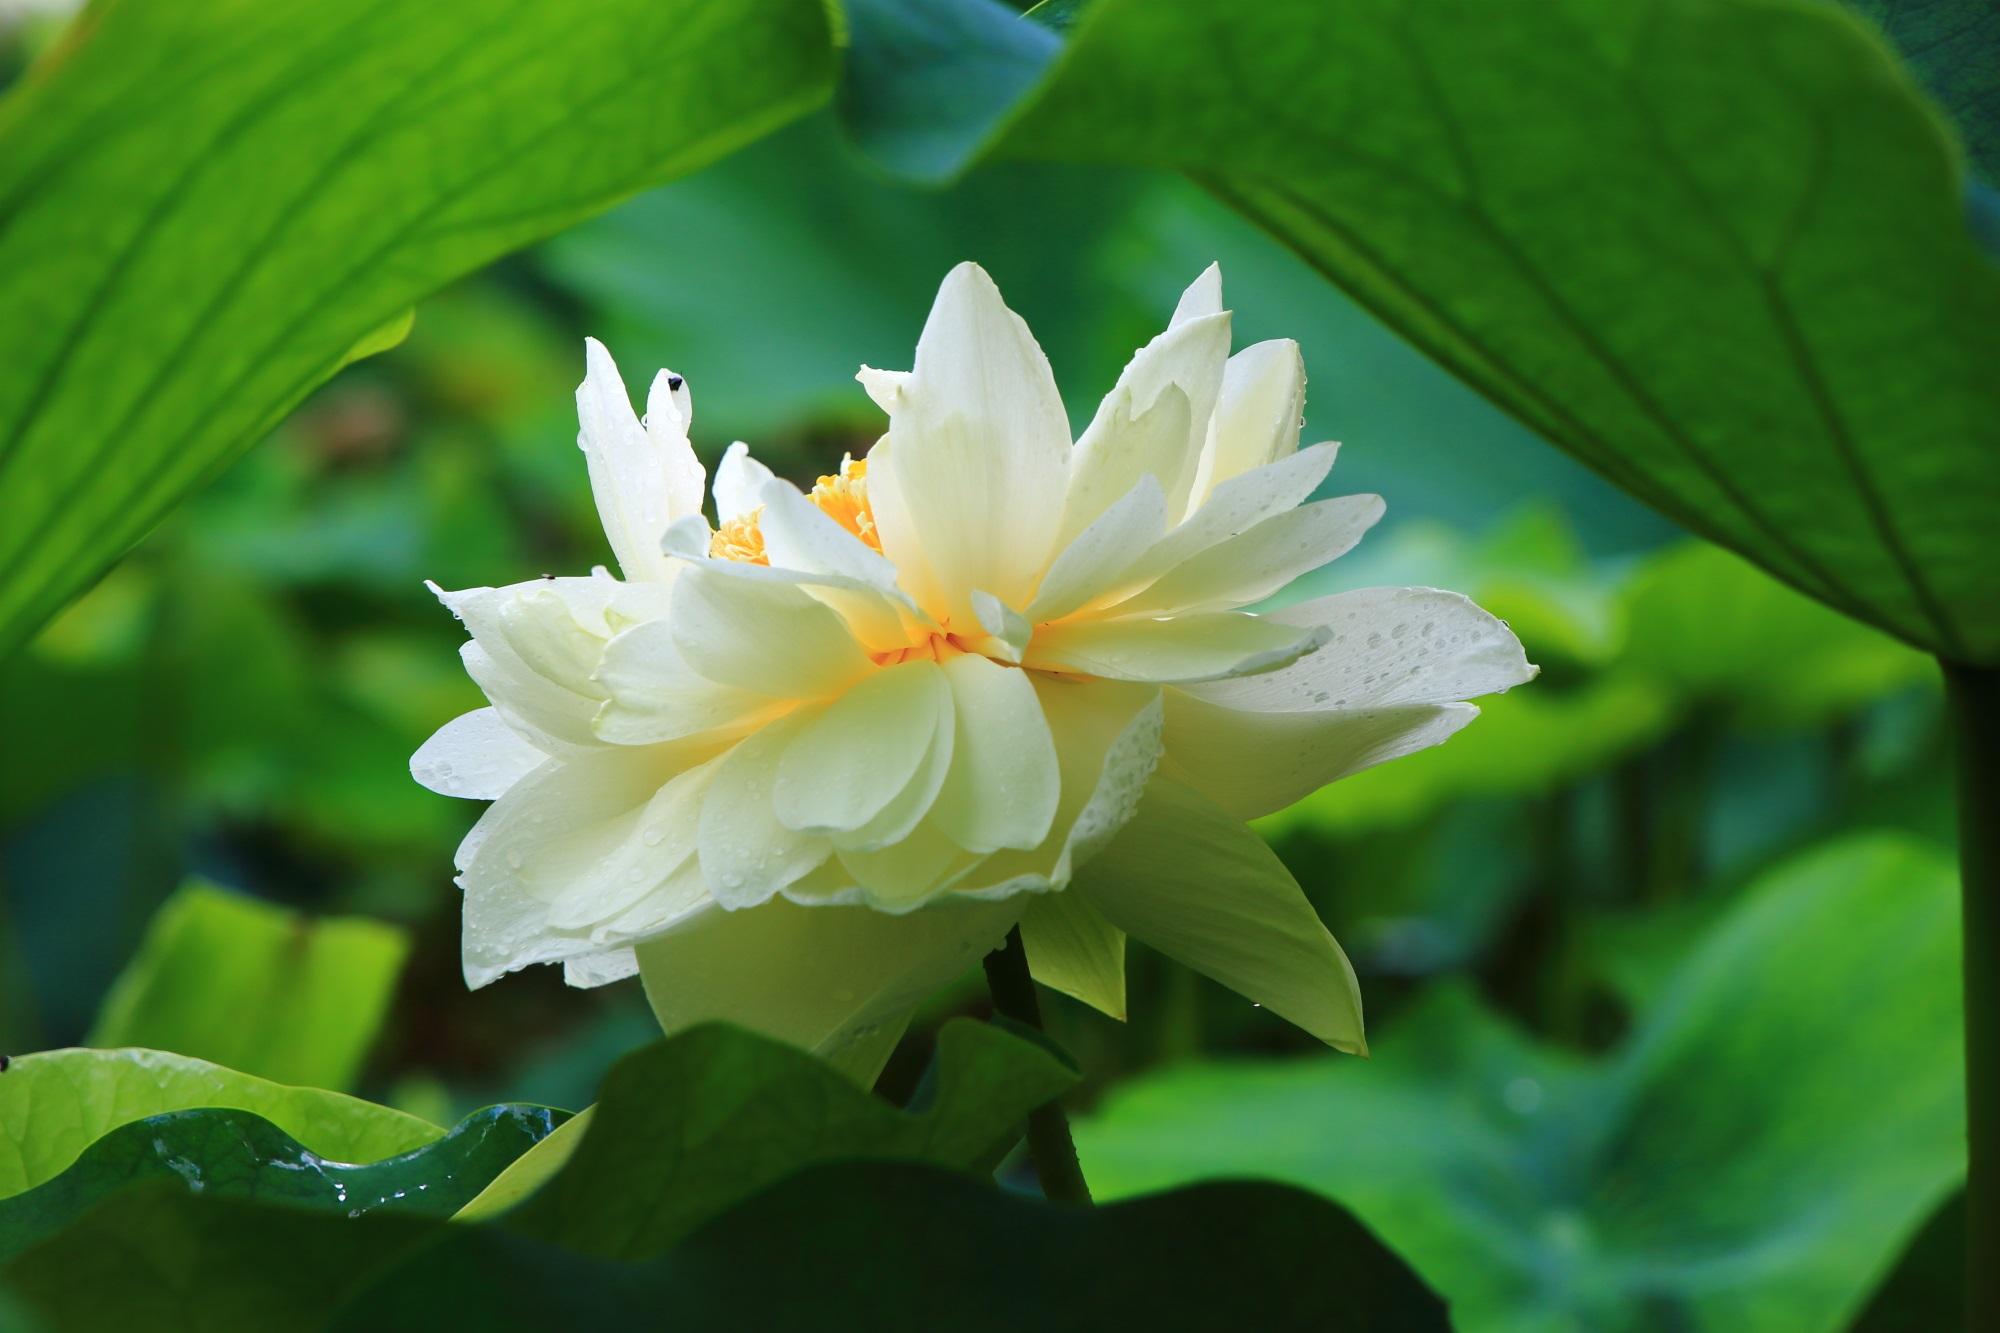 三室戸寺の緑につつまれた爽やかな真っ白の蓮の花